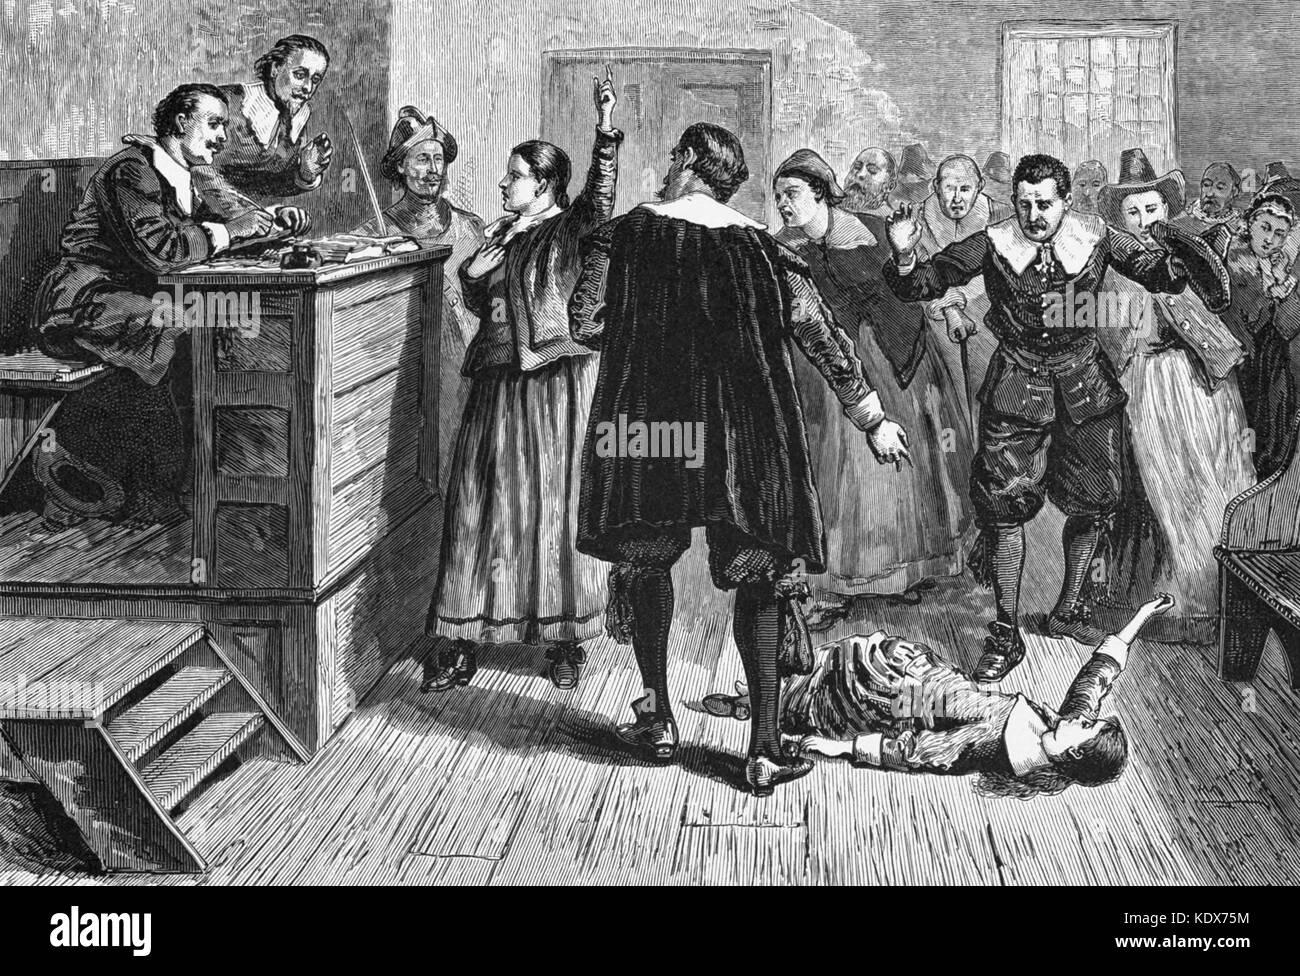 Salem processo alle streghe, 1692 - 1693, la figura centrale in questo 1876 illustrazione dell'aula è generalmente Foto Stock